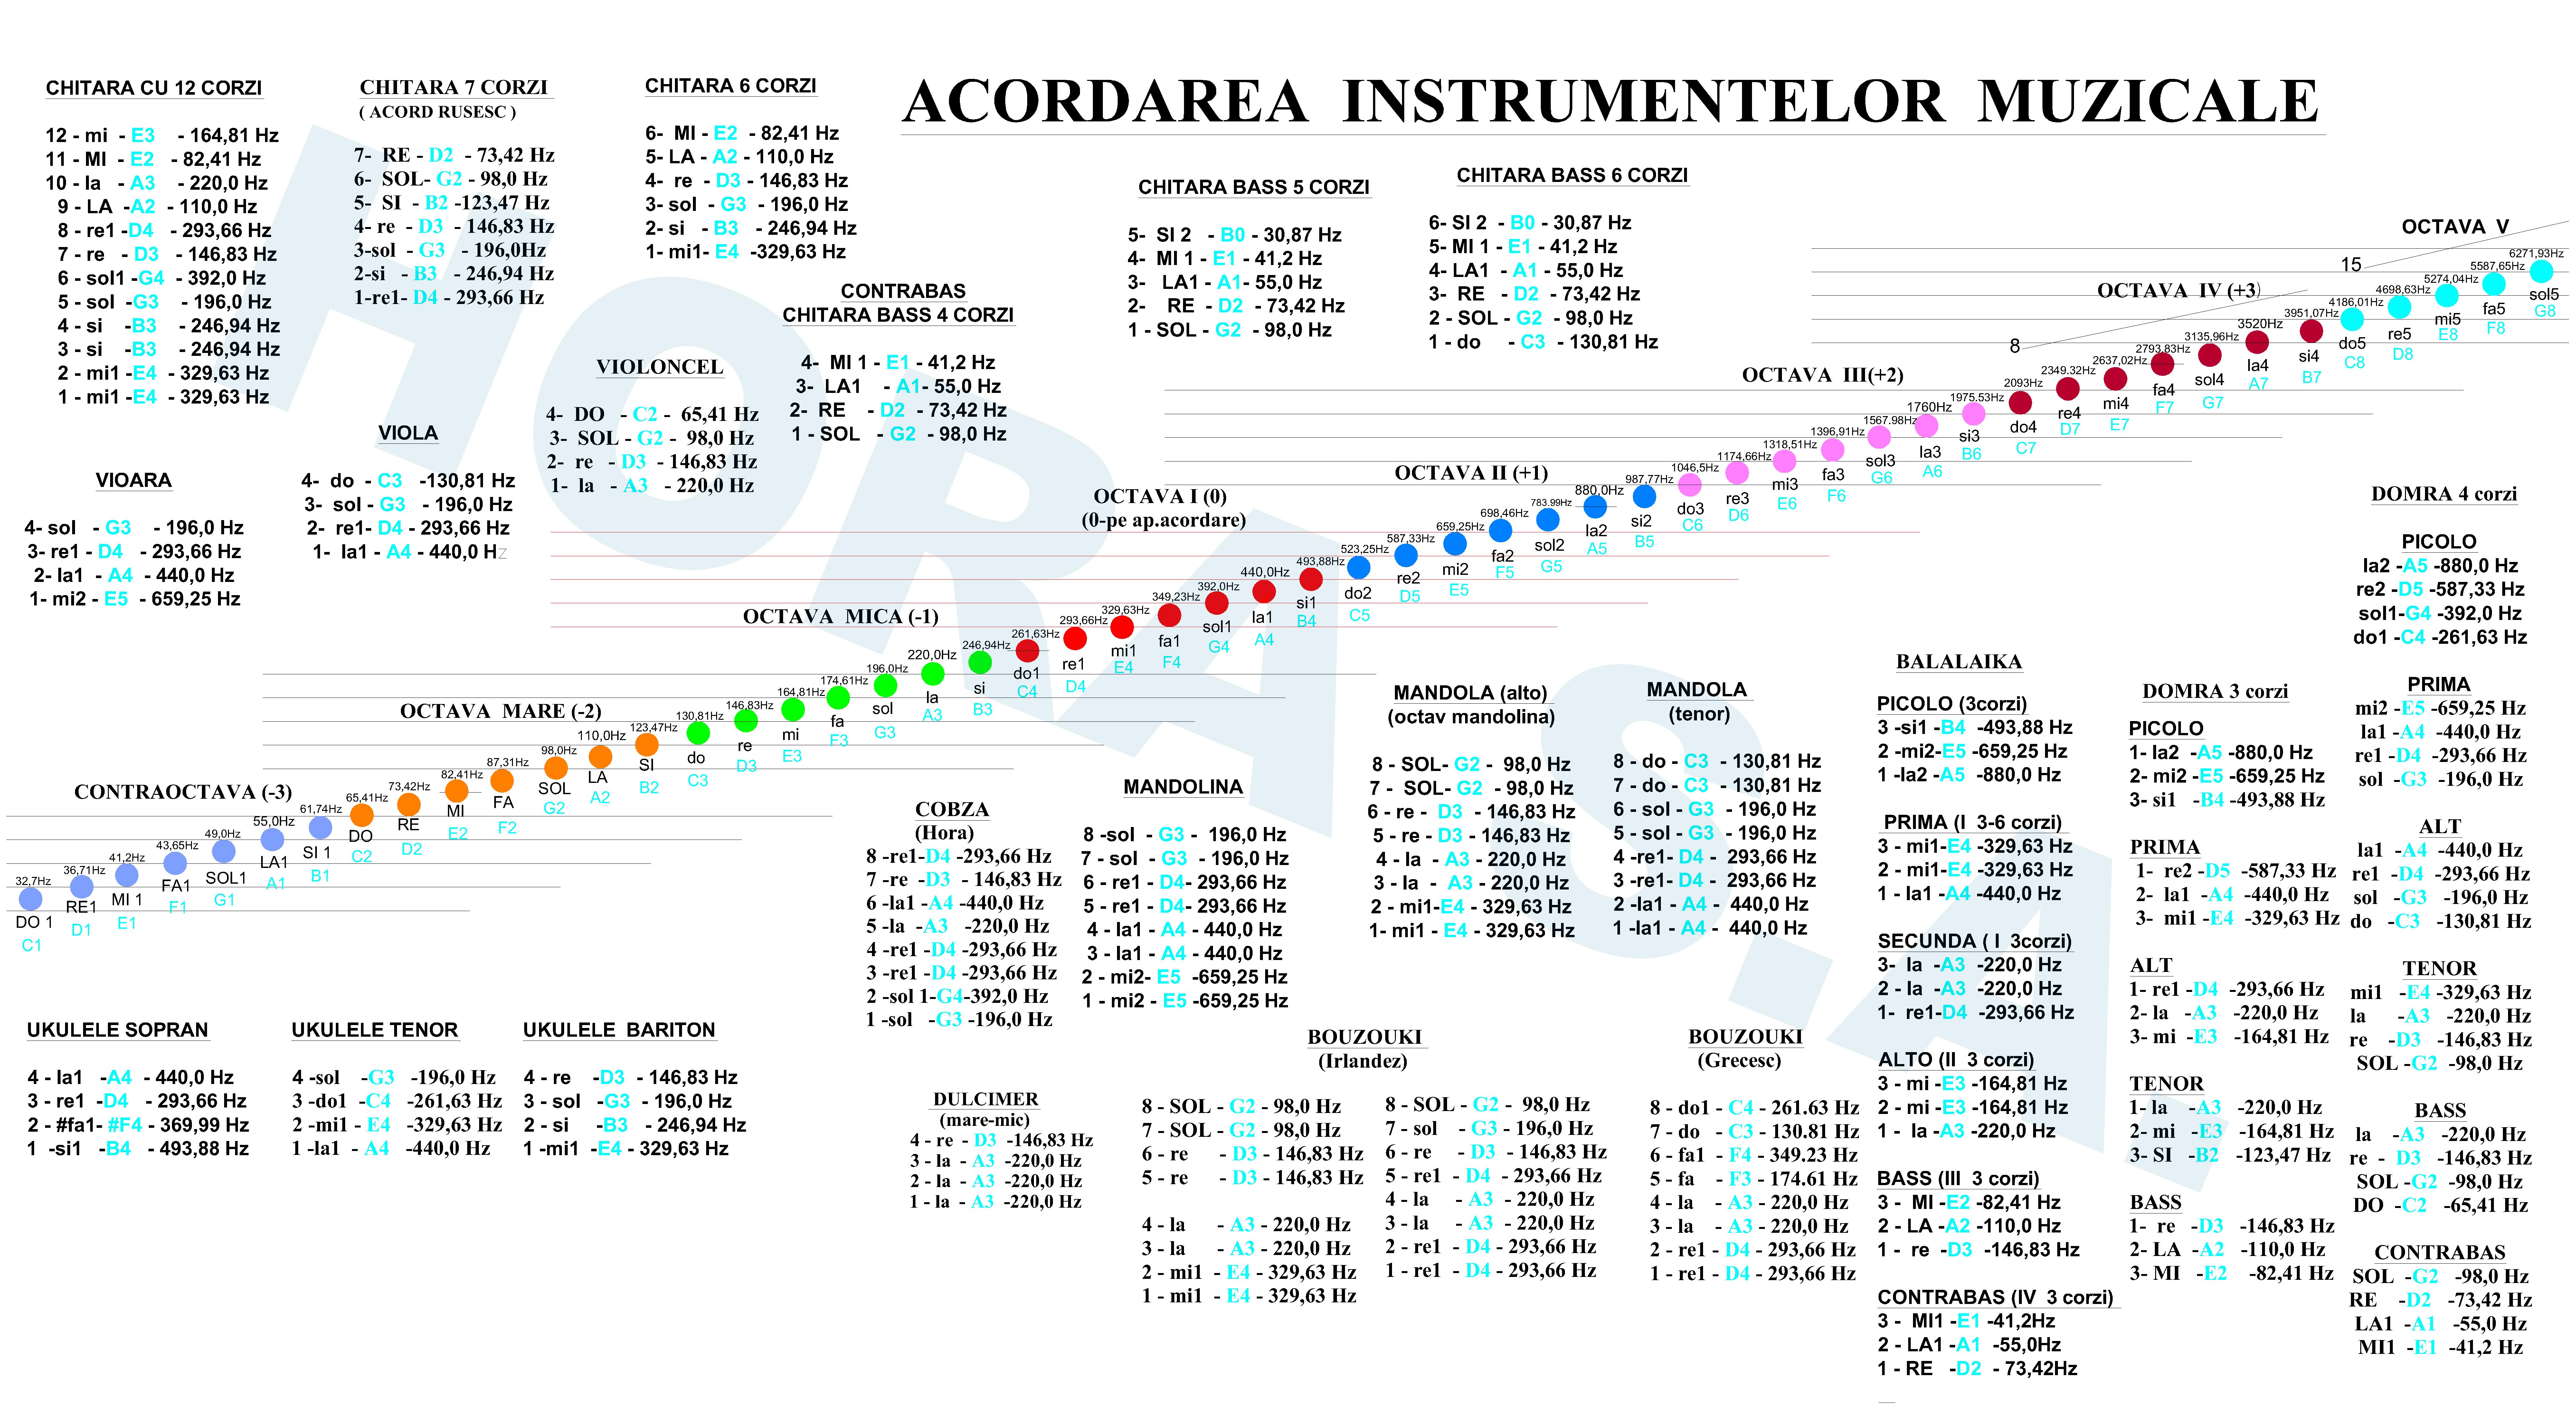 Acordarea instrumentelormuzicale